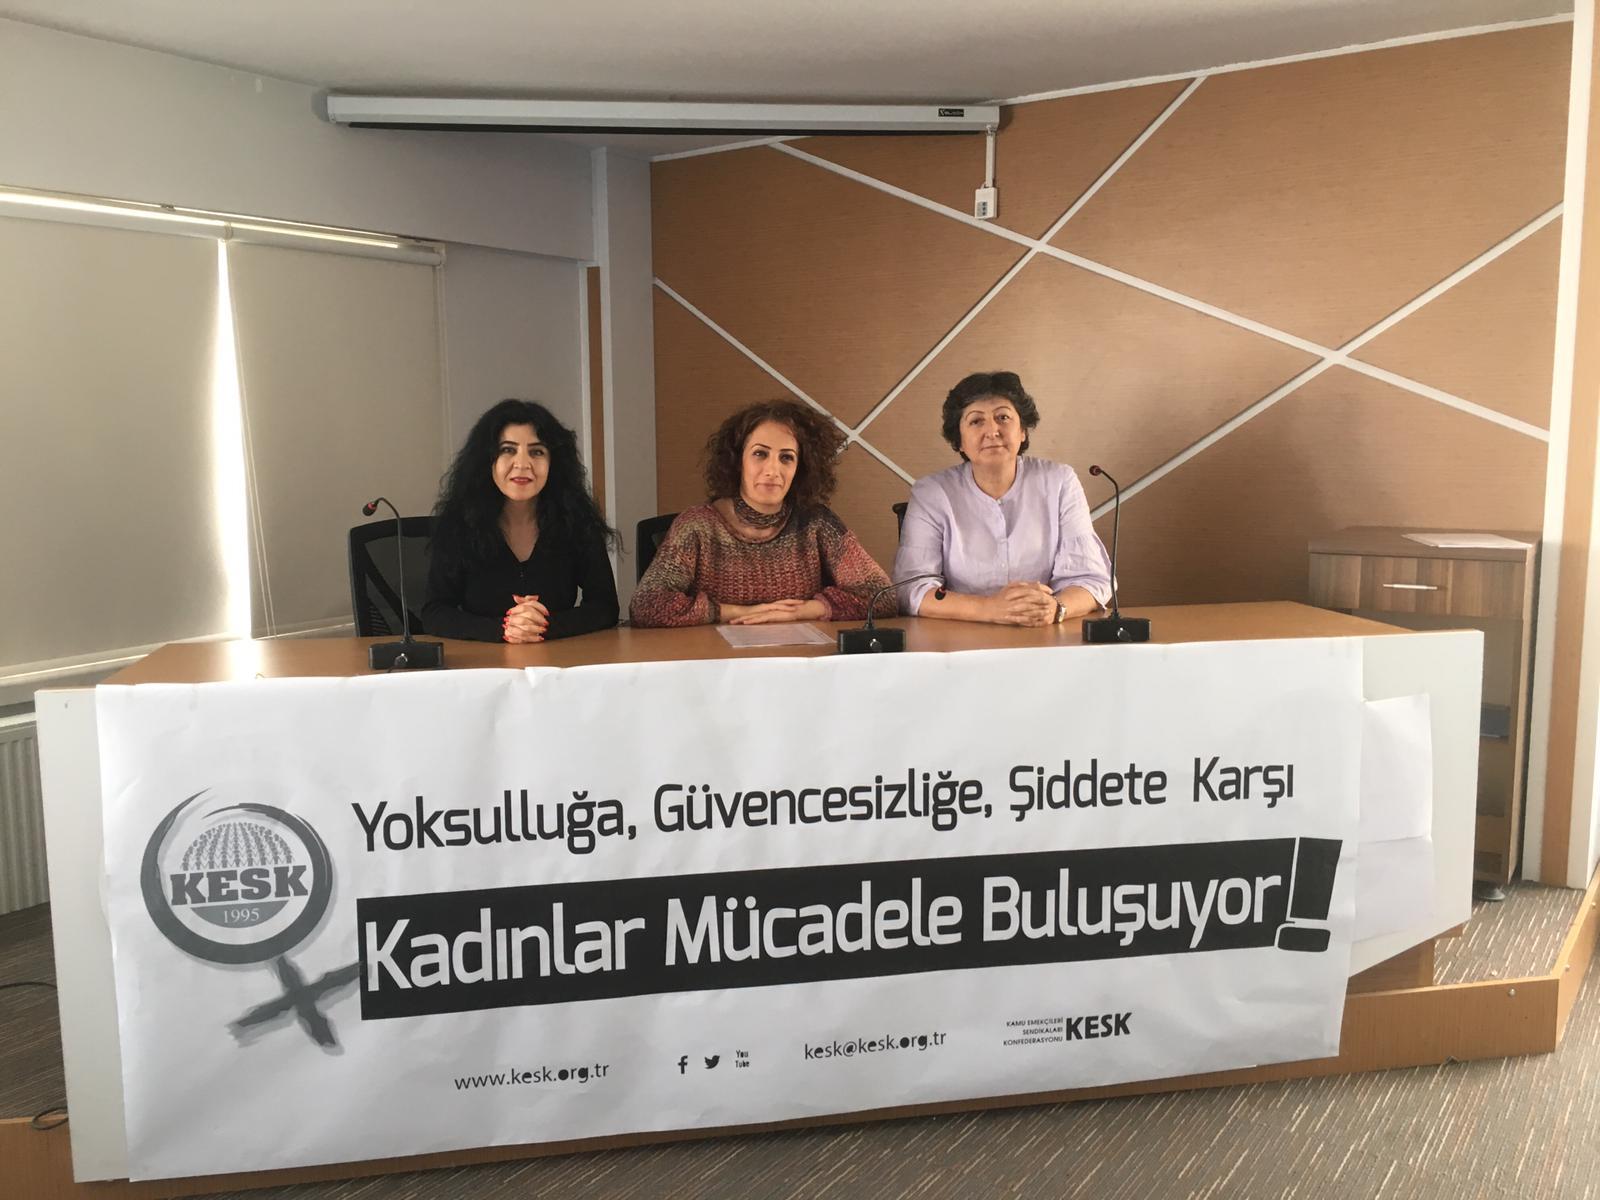 KESK 25 Kasım Kadına Yönelik Şiddete Karşı Mücadele Programını Açıkladı: Yoksulluğa, Güvencesizliğe, Şiddete Karşı Kadınlar Mücadelede Buluşuyor!